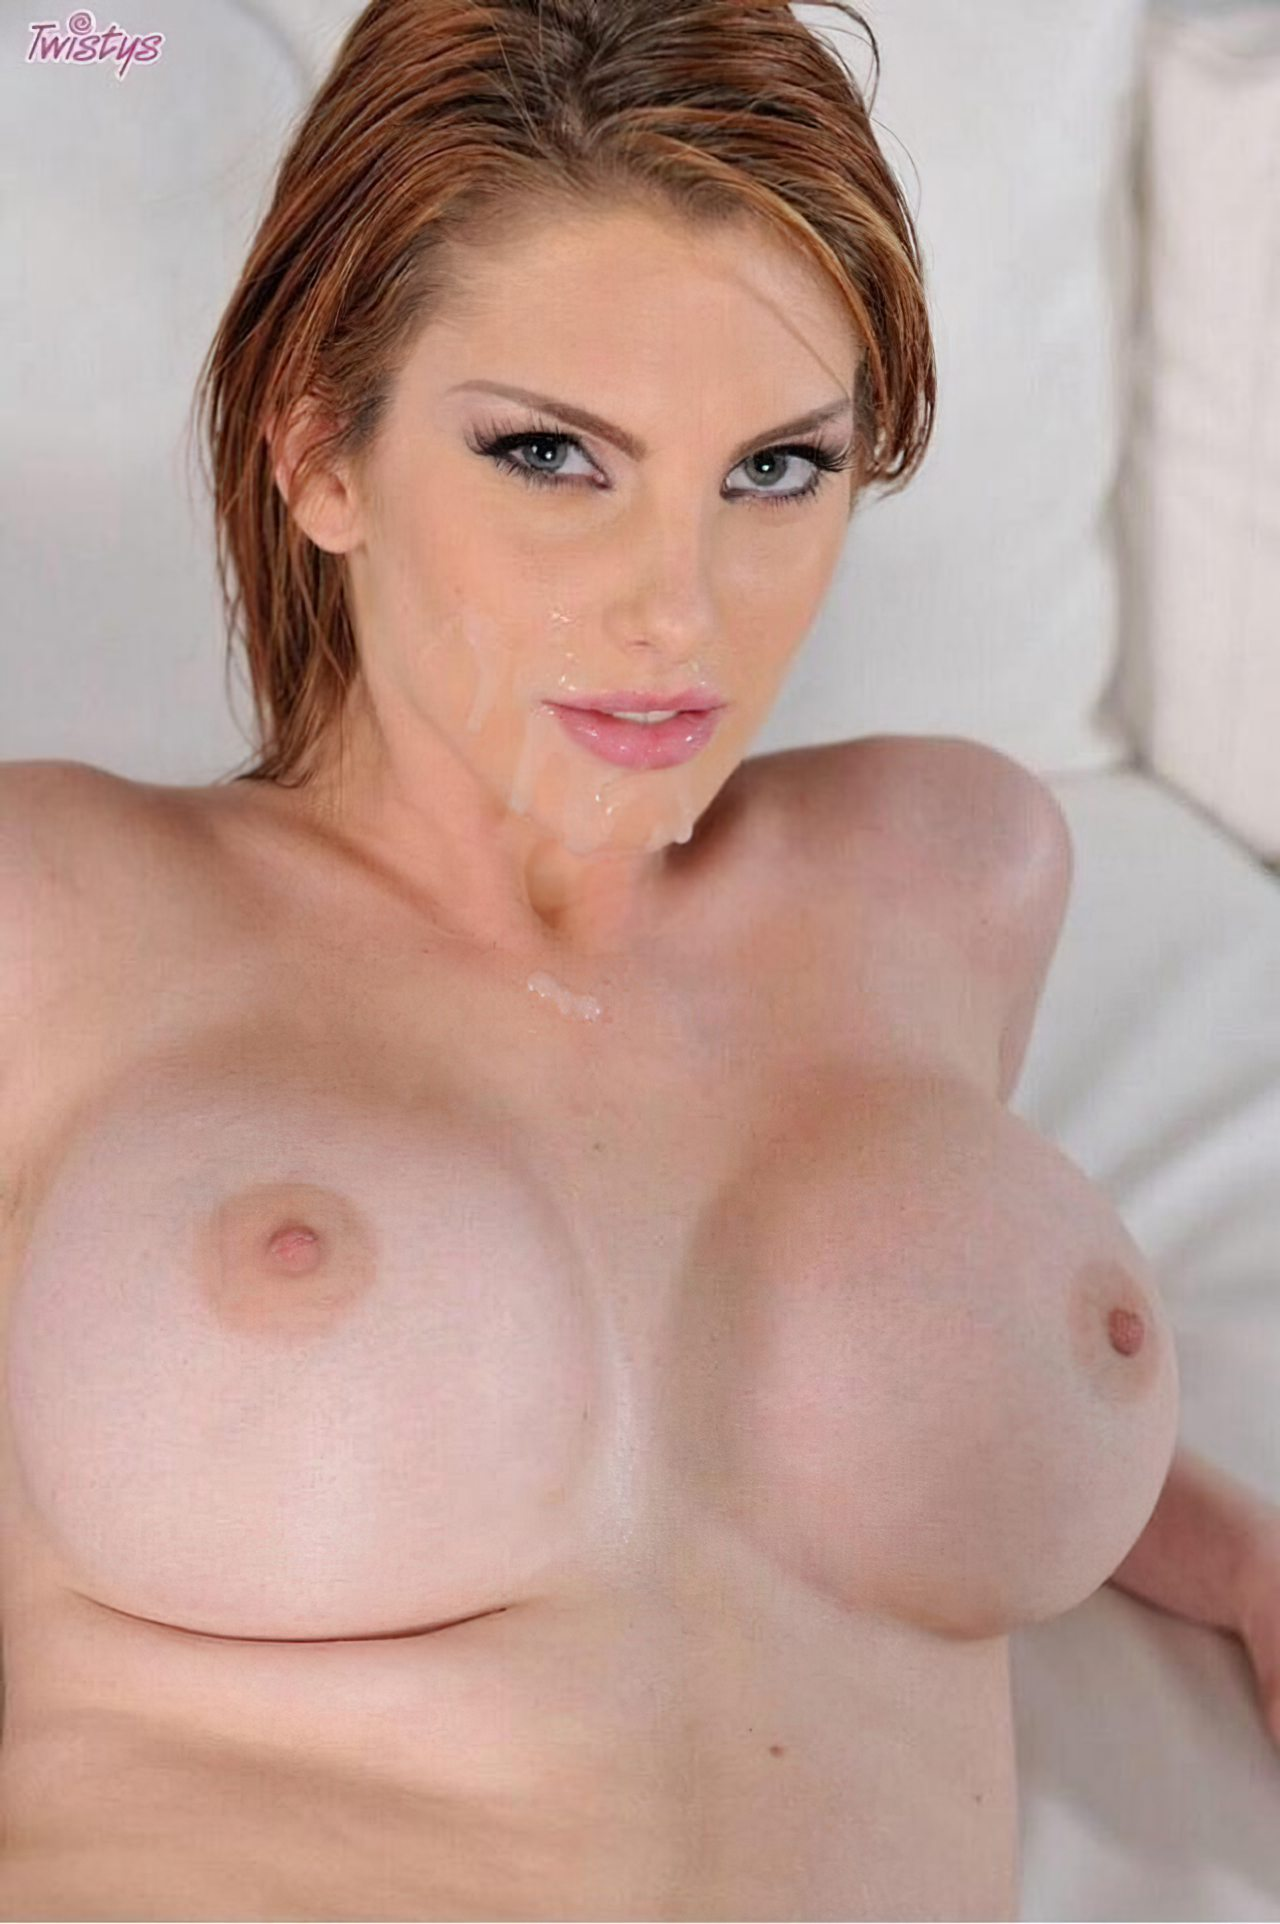 Mulheres Gostosonas (48)